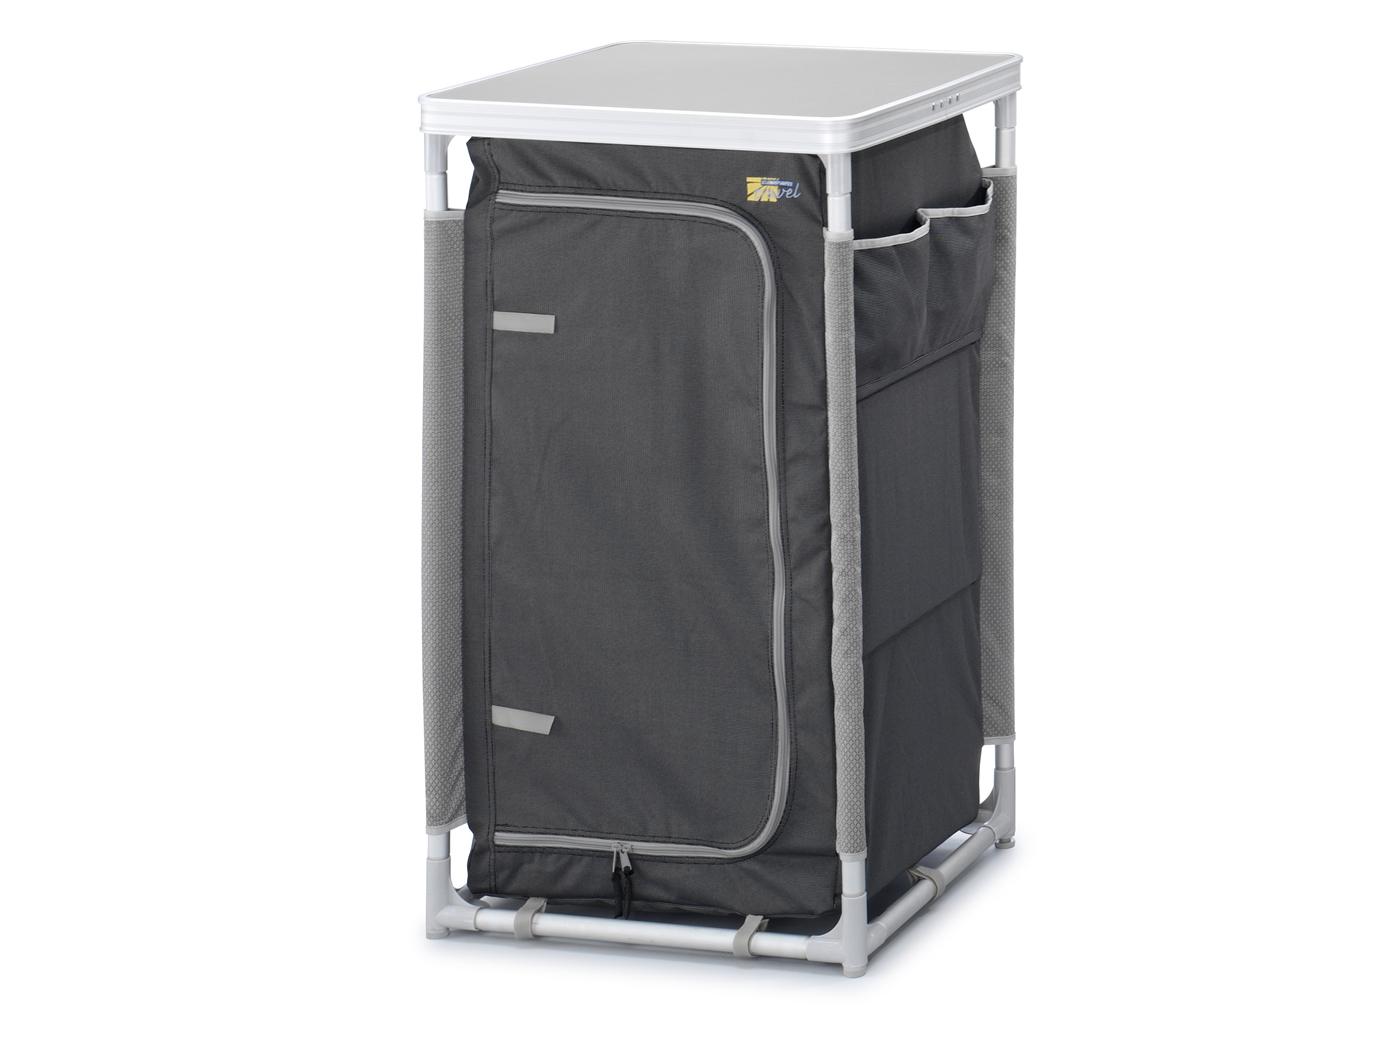 Outdoorküche Klappbar Günstig : Camping outdoor küche mini kühlschrank mit wärmefunktion kühlbox